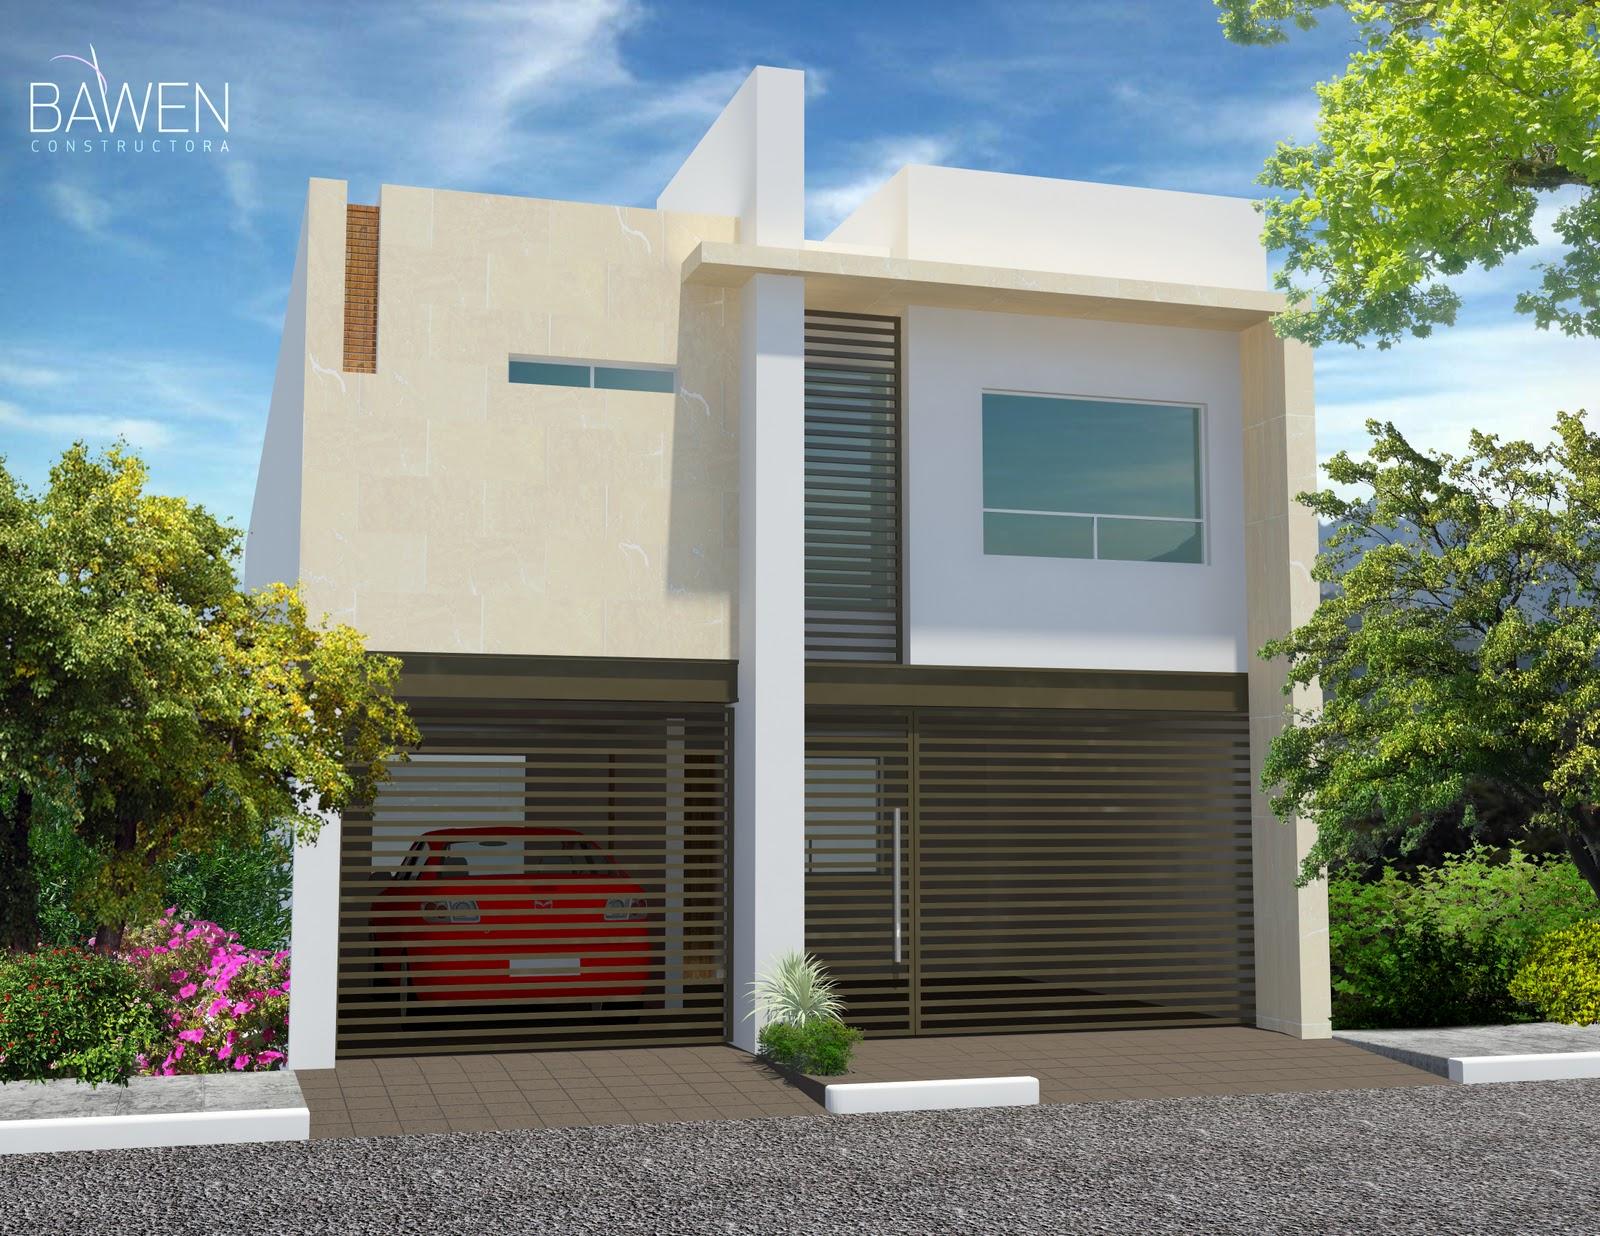 D3d septiembre 2011 for Casas modernas renders